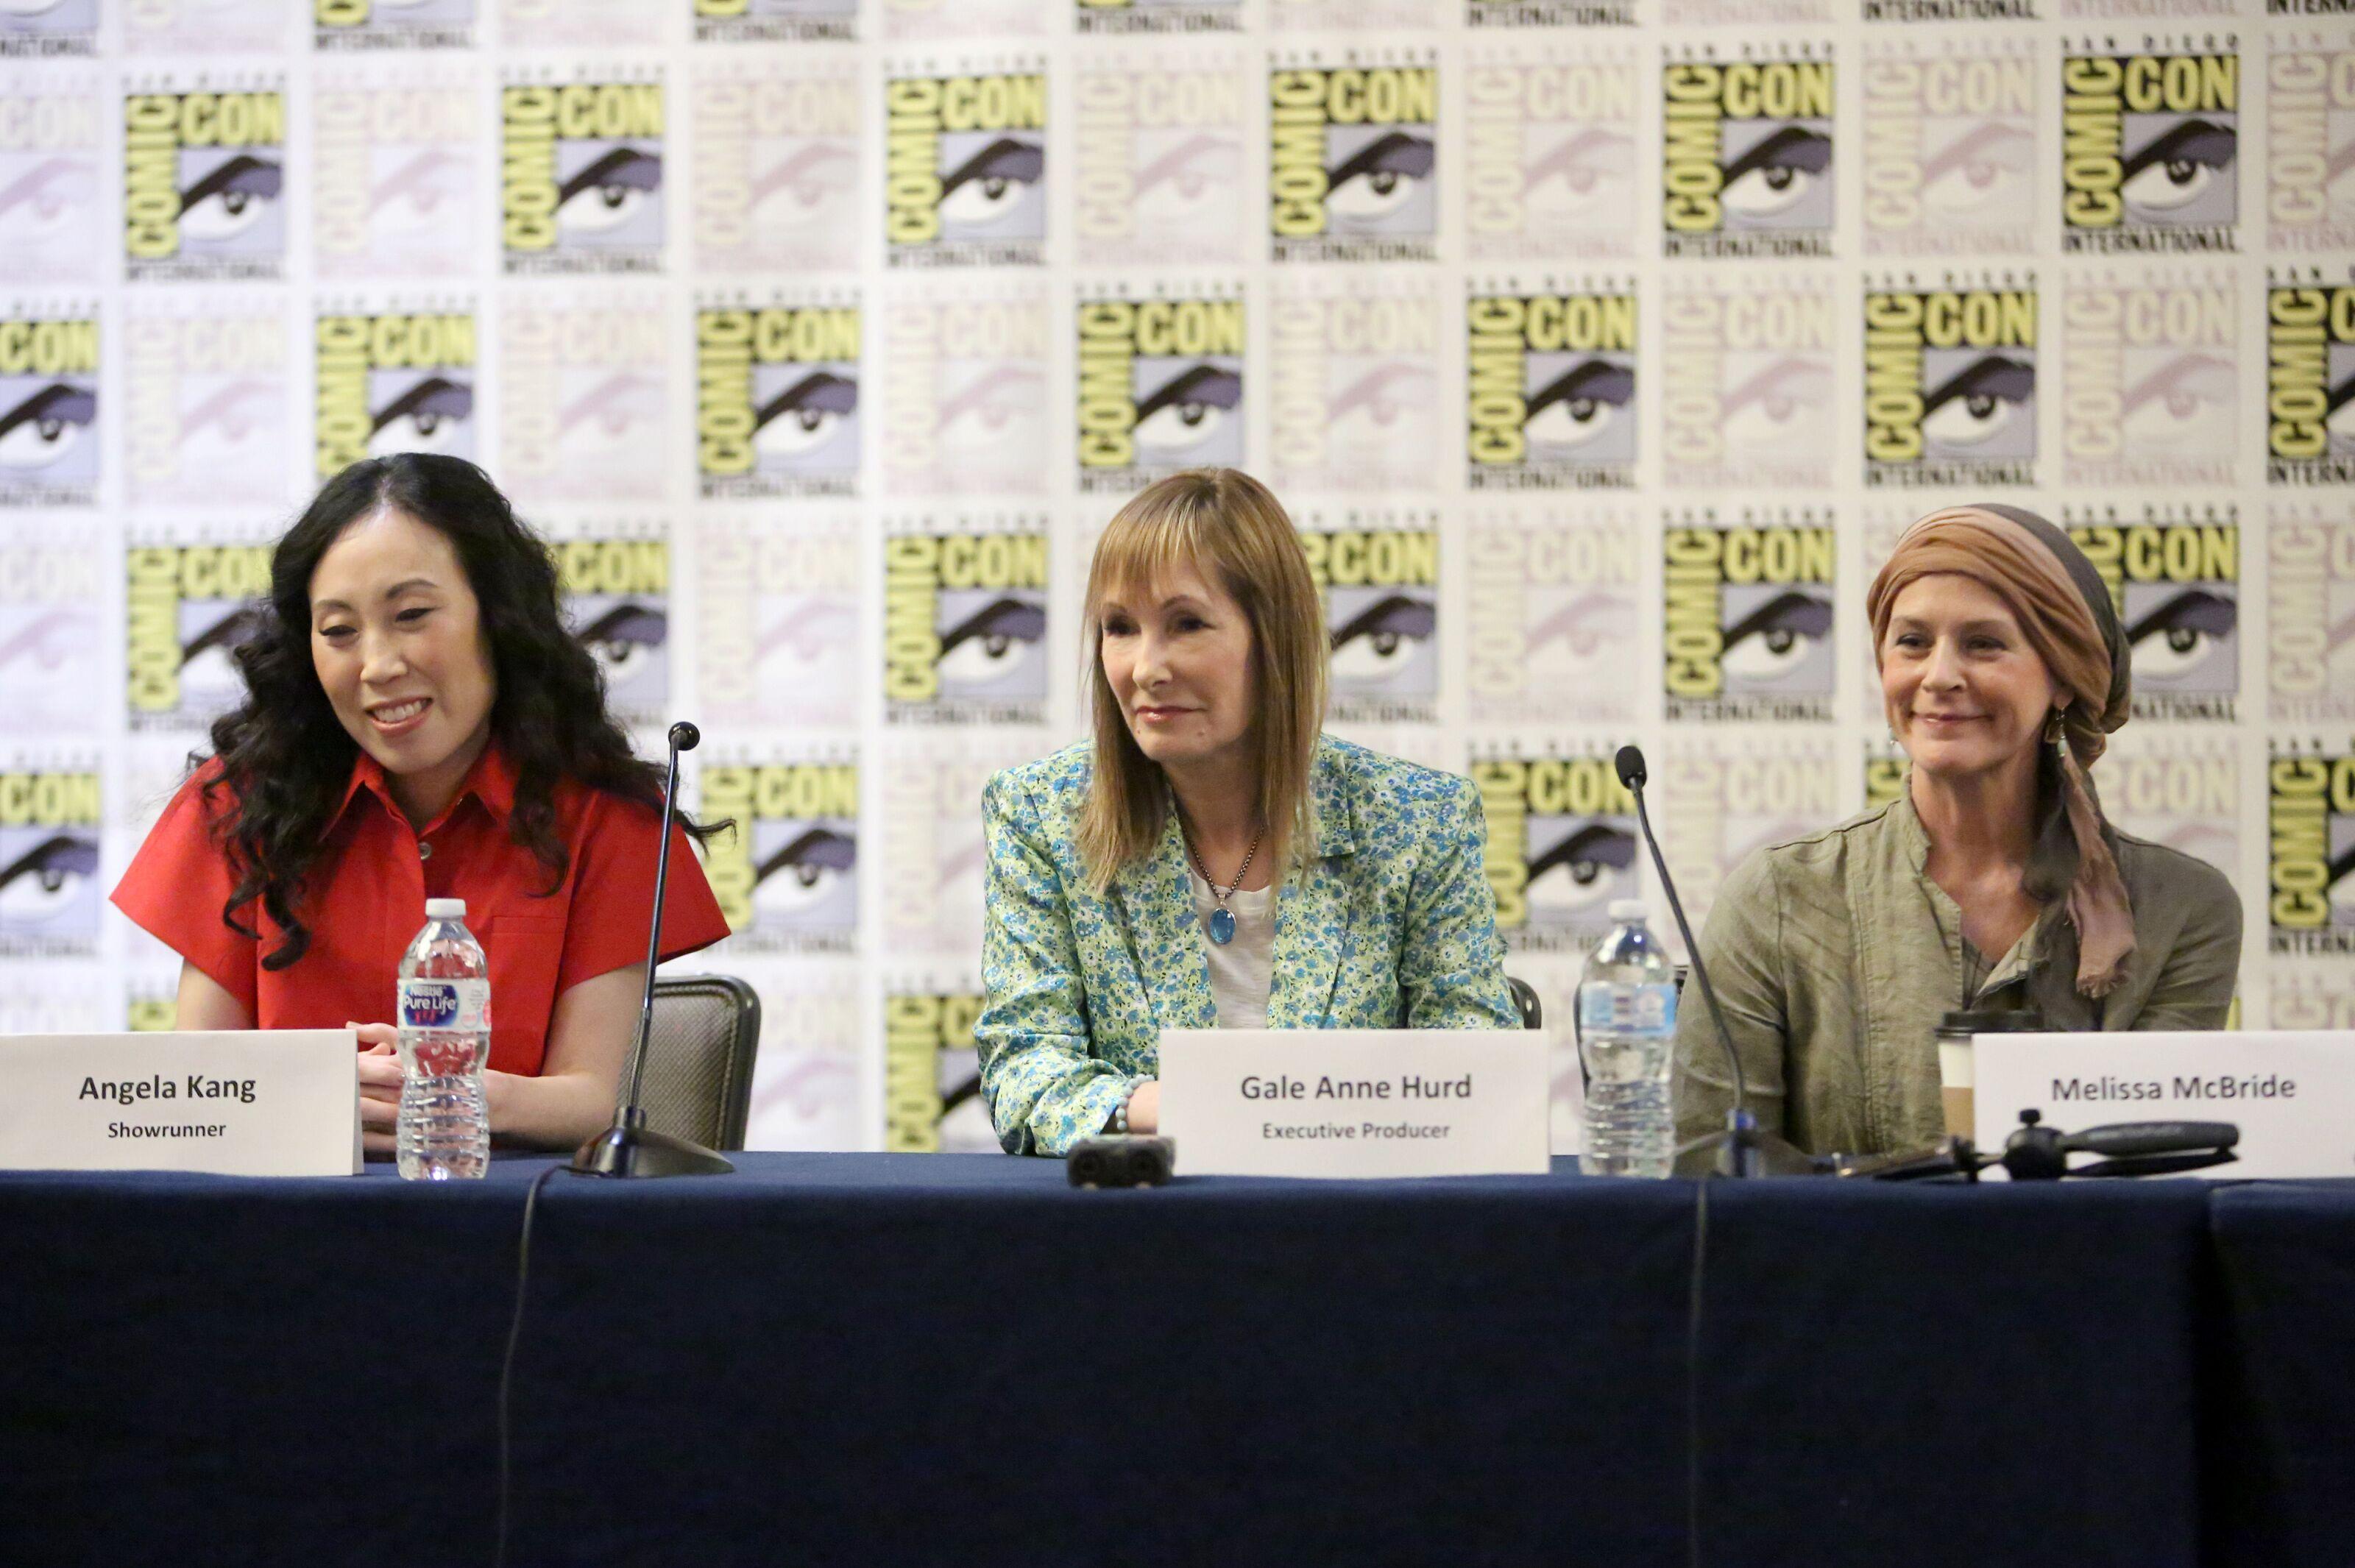 Gale Anne Hurd: The Walking Dead season 10 achieves milestone for women